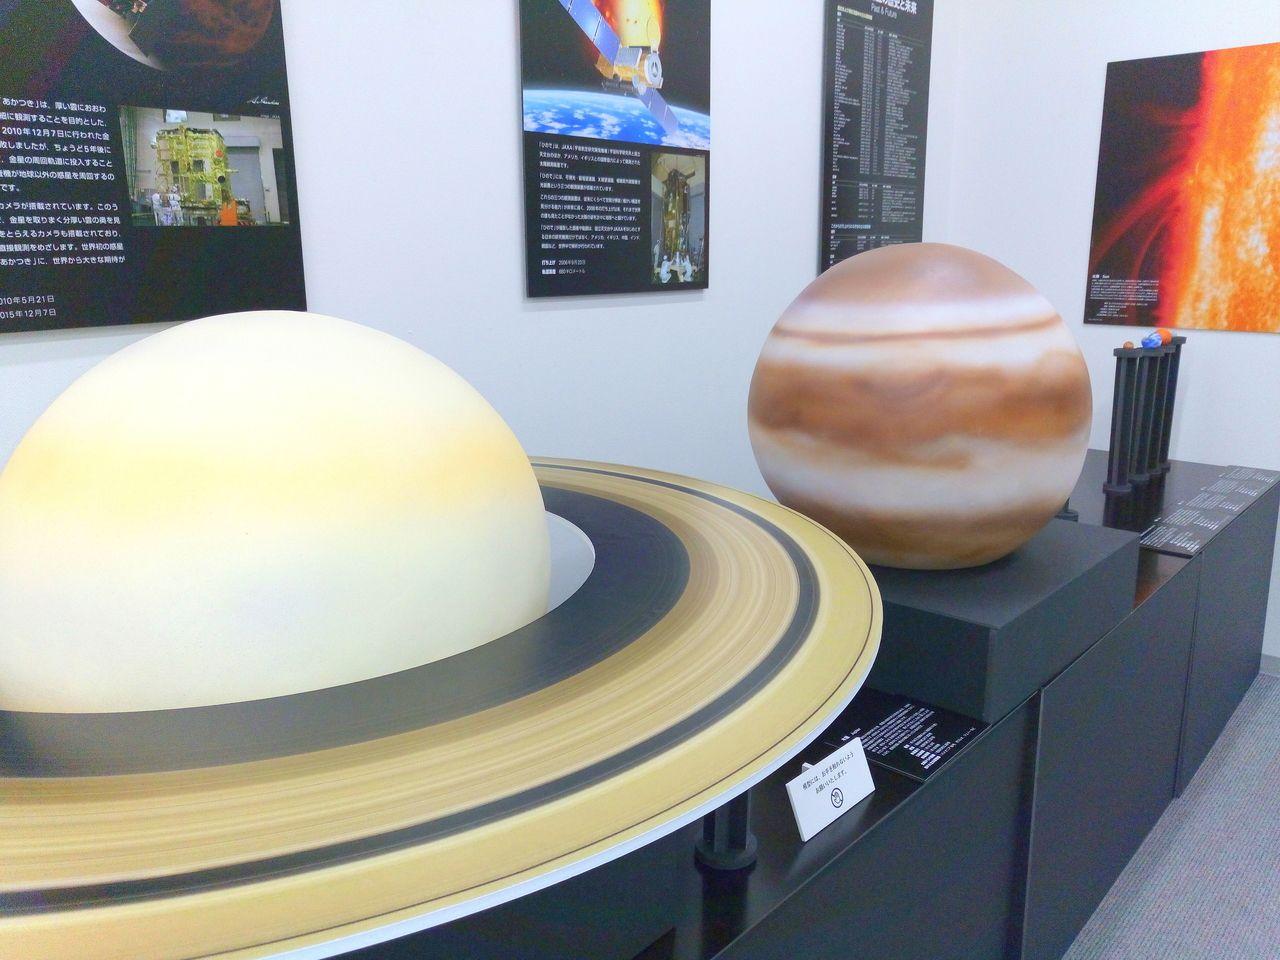 天文・科学情報スペース新企画展「武蔵野から見える雲の風景展」